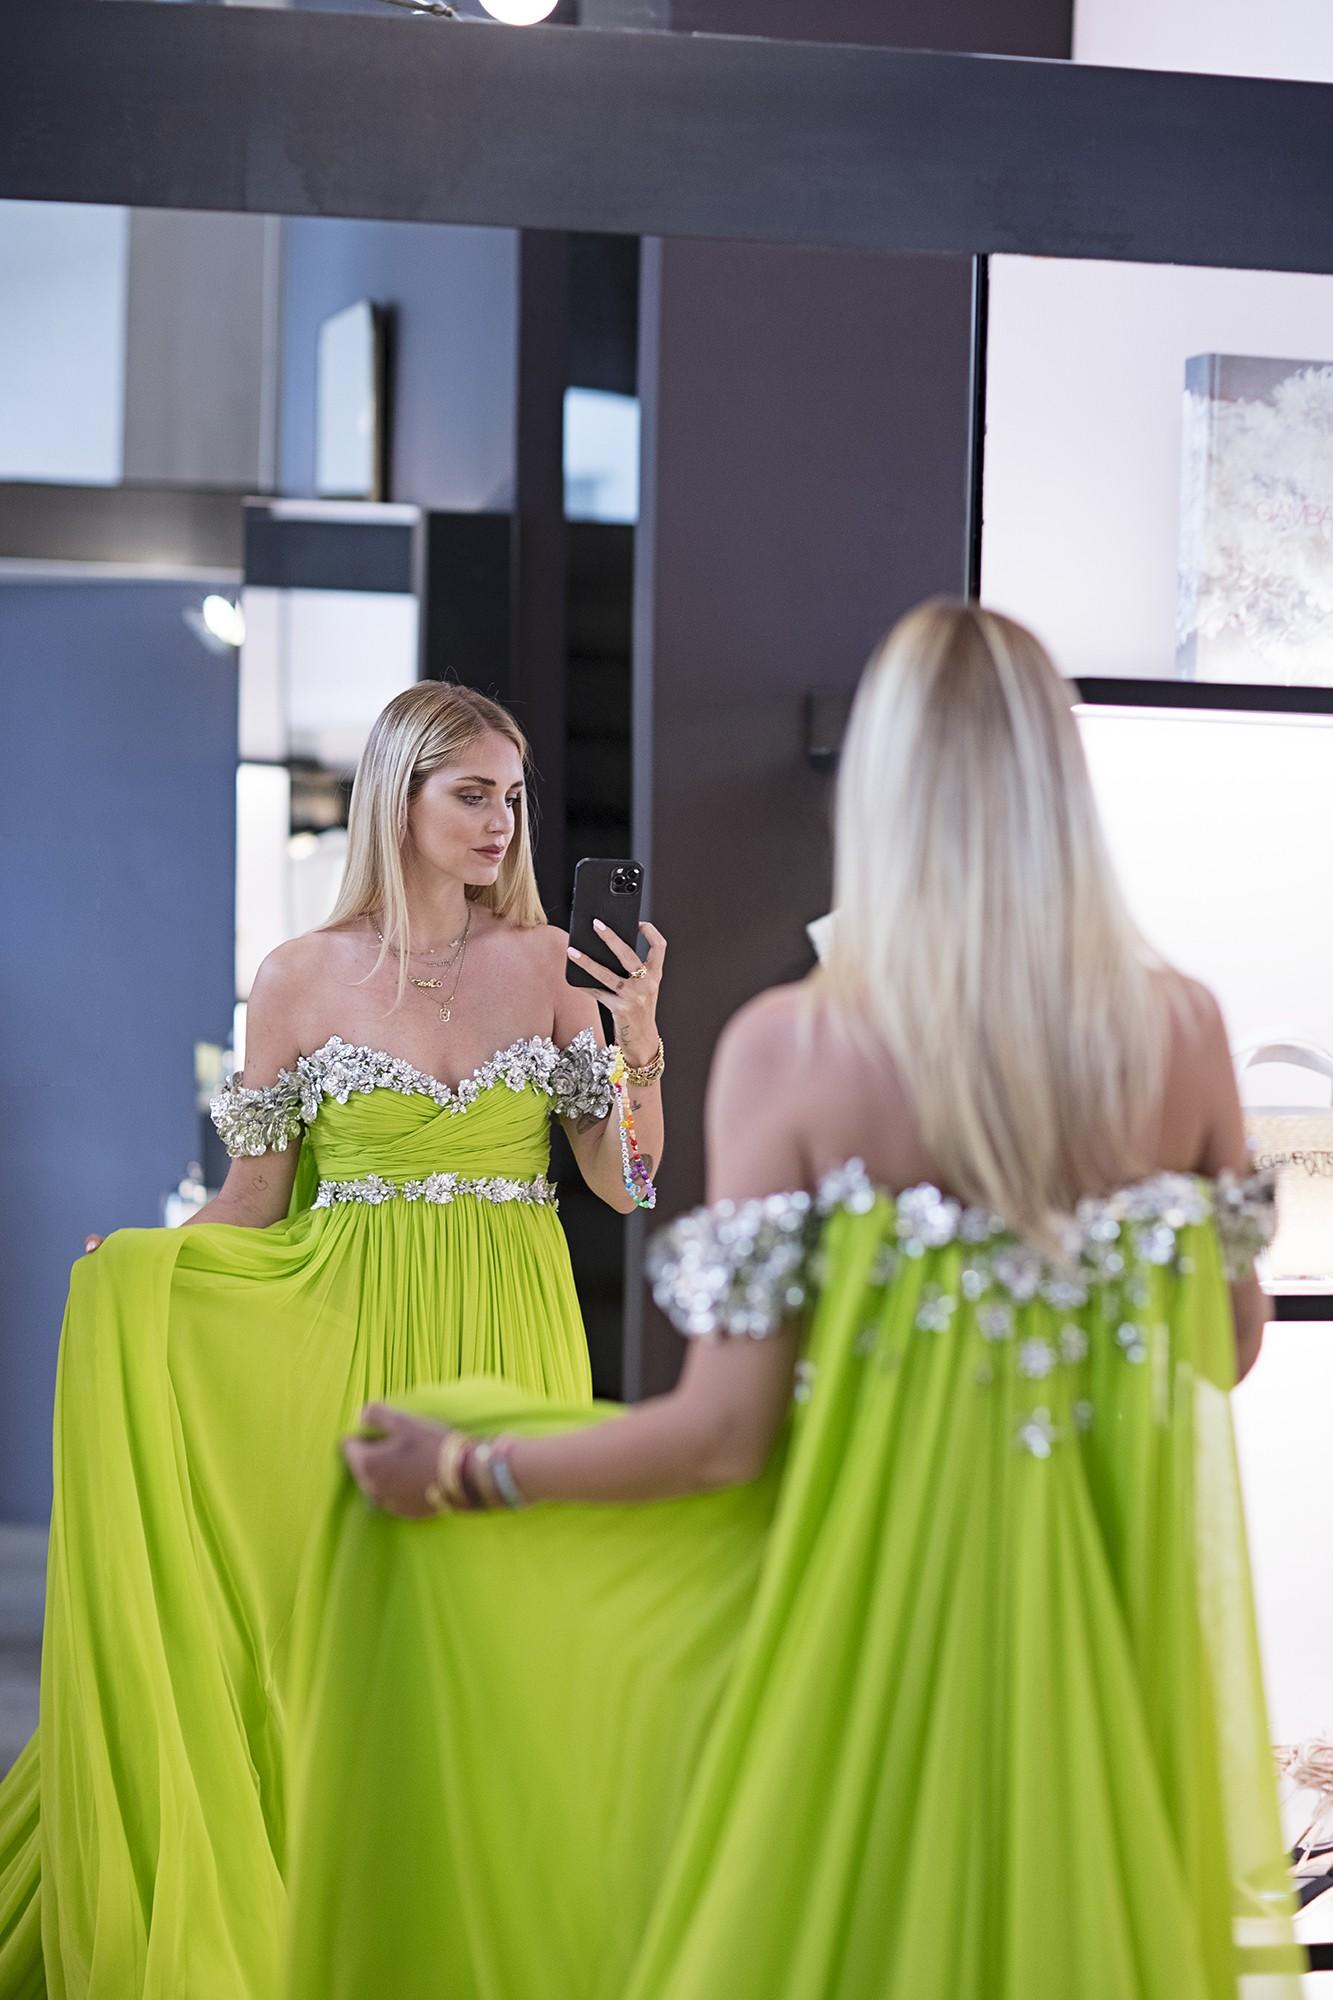 Chiara Ferragni esbajna beleza em vestido sustentável em Cannes 2021 (Foto: Divulgação )